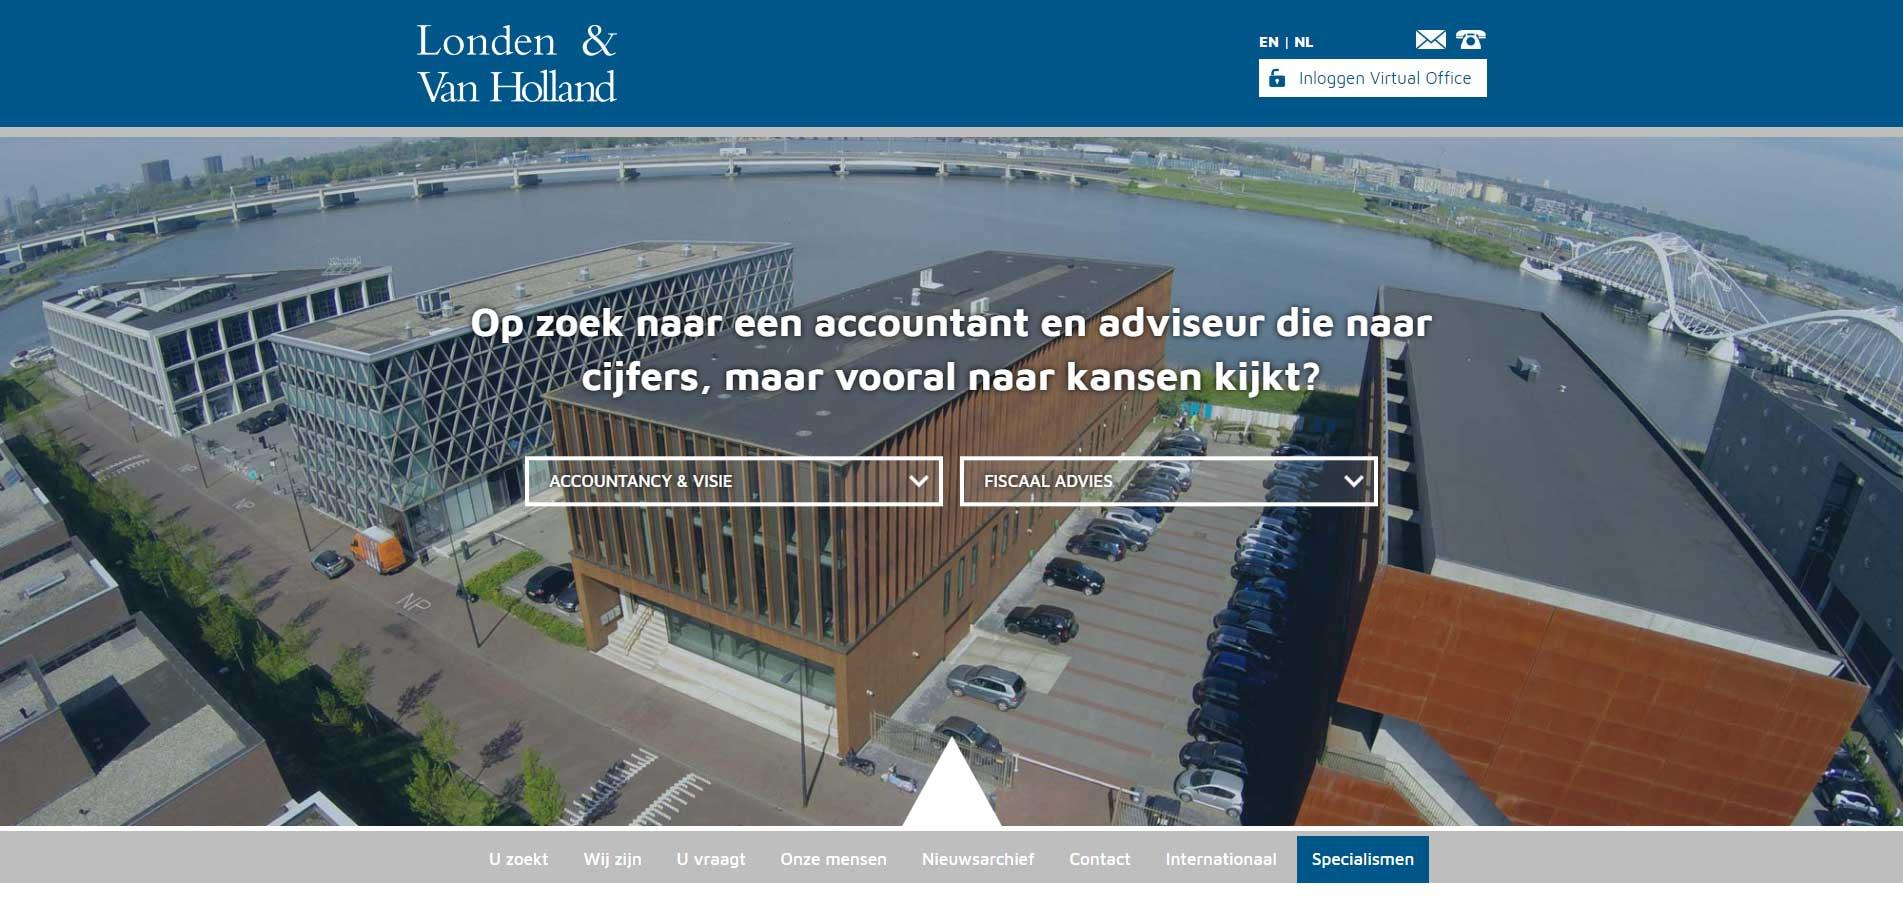 Website Londen & van Holland